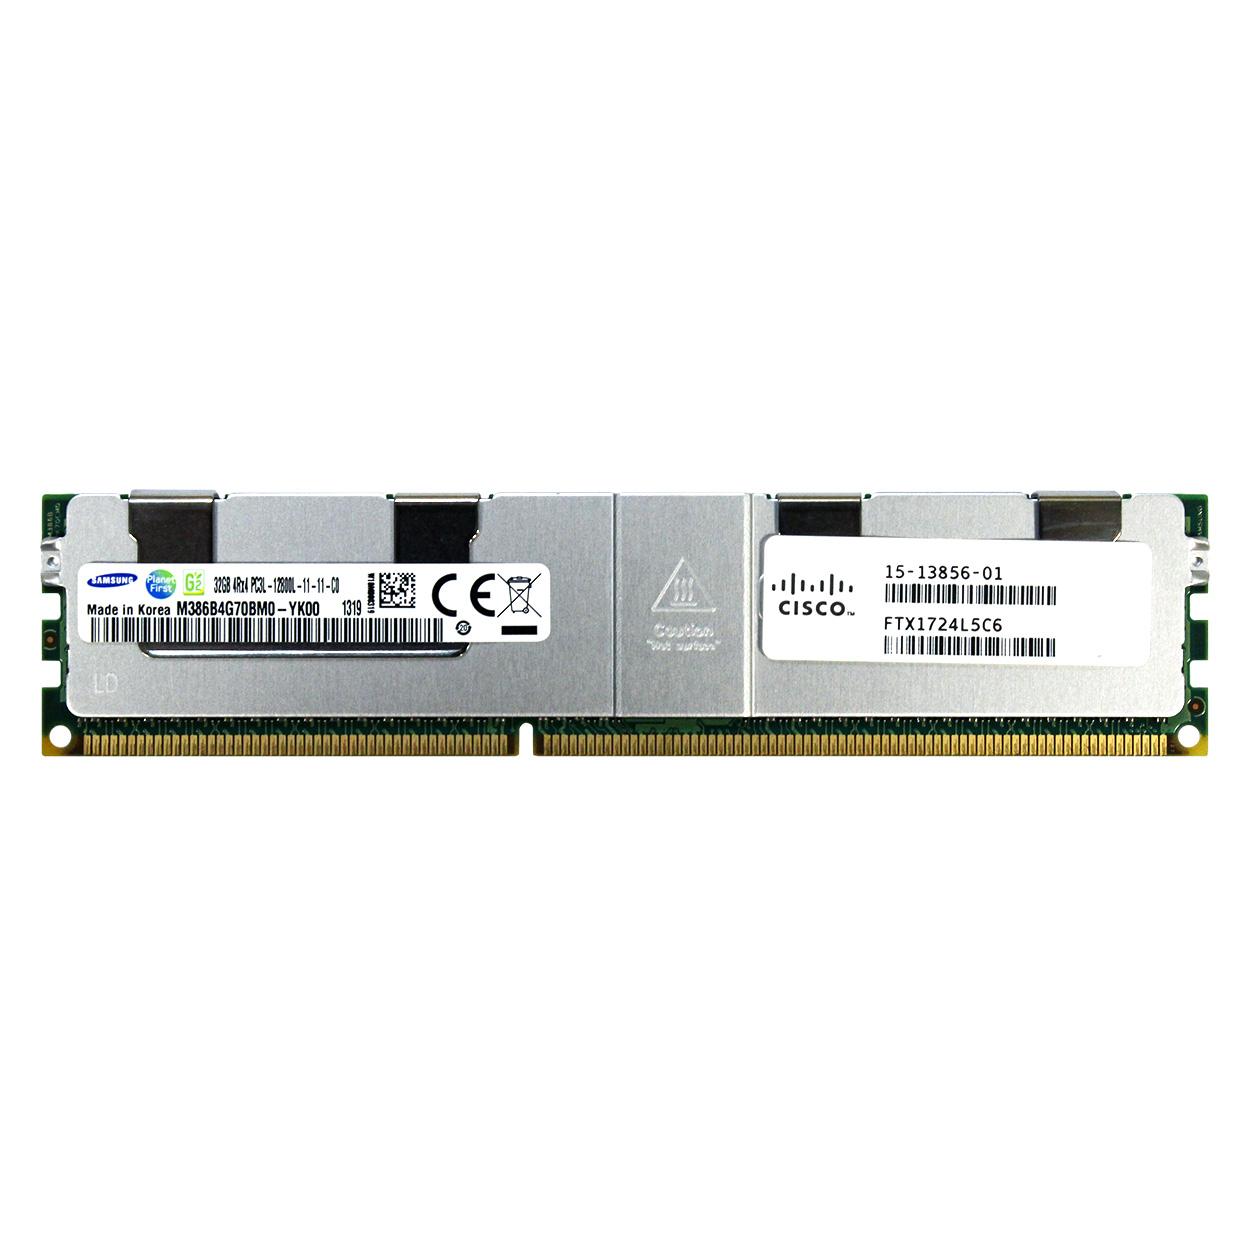 32GB 4Rx4 PC3L-12800L LRDIMM Server Memory Cisco UCS-ML-1X324RY-A 15-13856-01